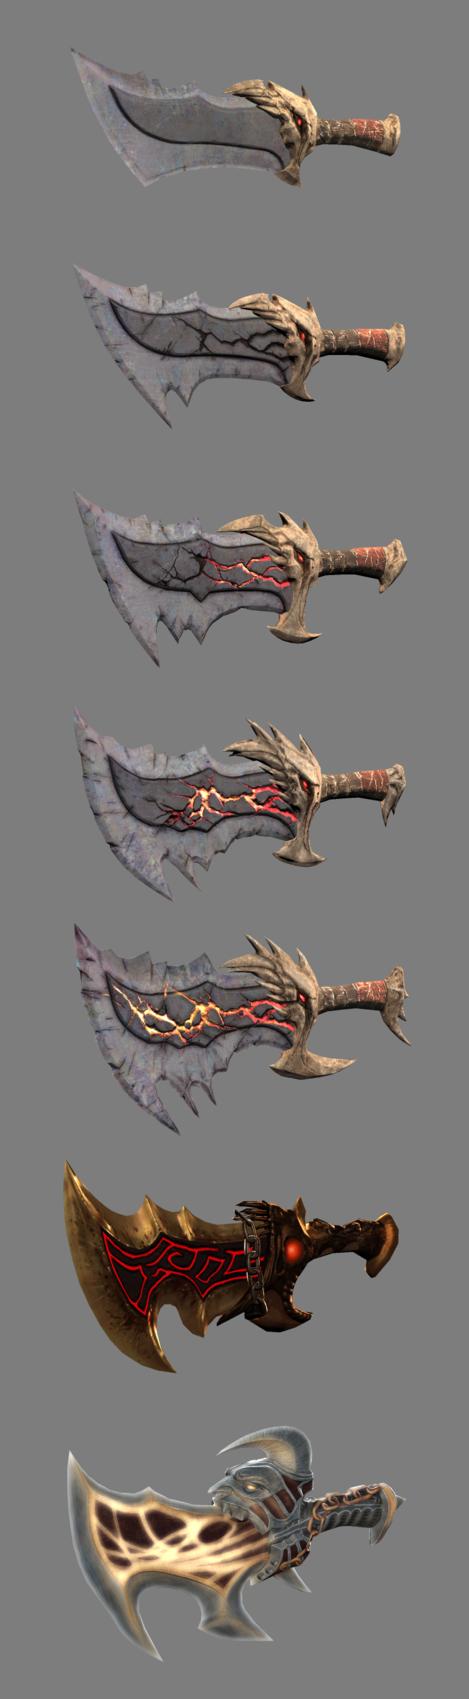 God of war blades 3d models by hacker7utd on deviantart for Deviantart 3d models